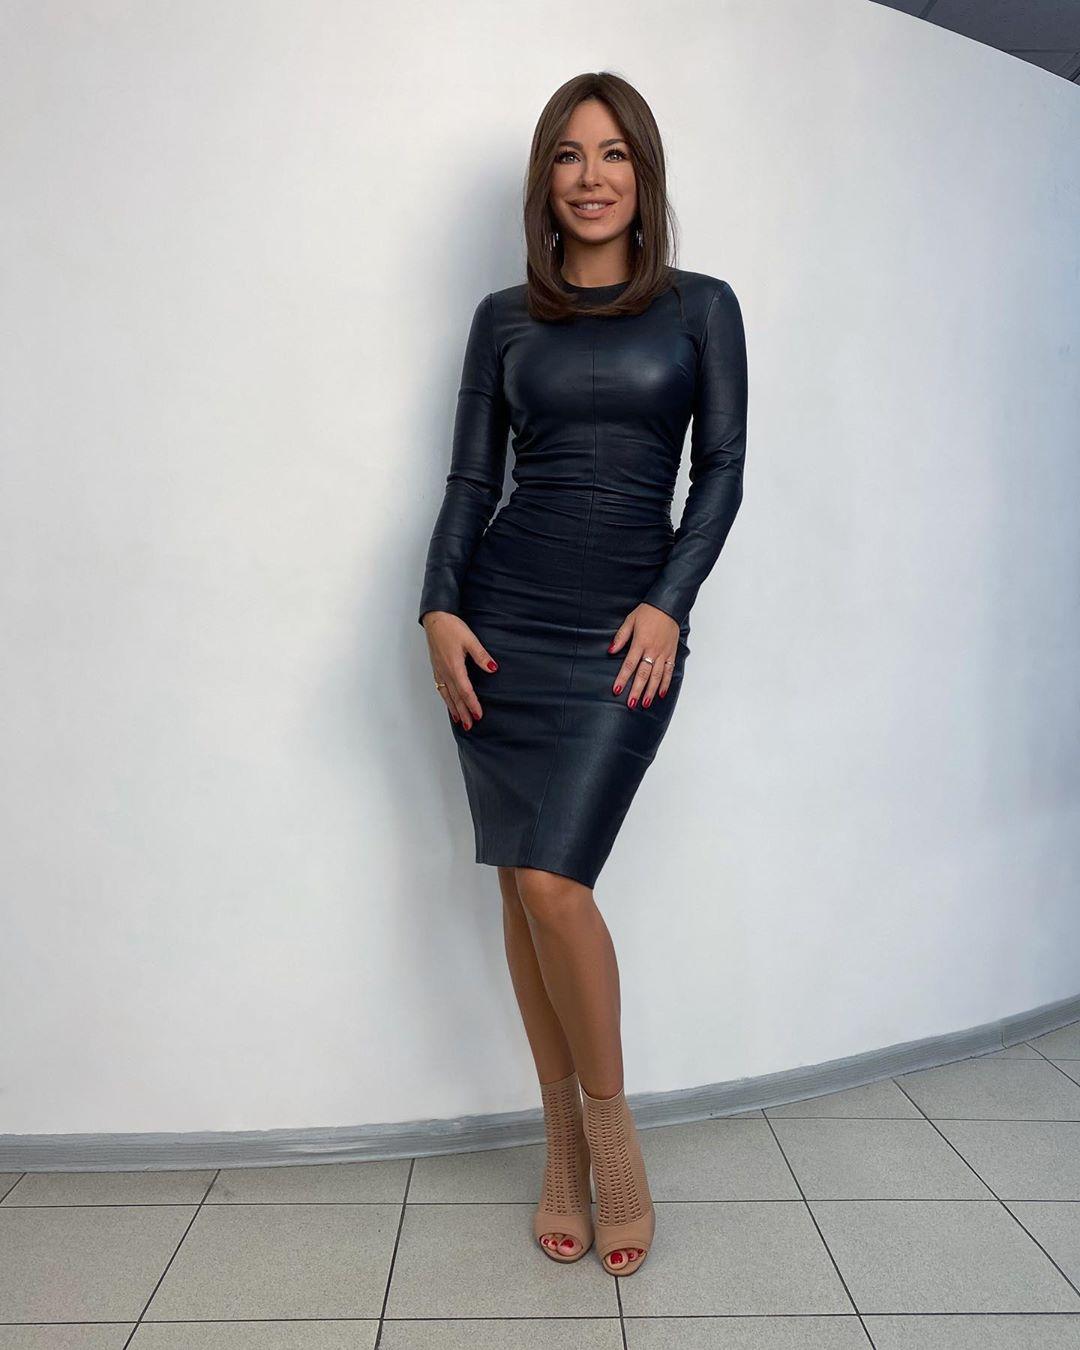 У Ани Лорак такая красивая фигура, не зря занимается